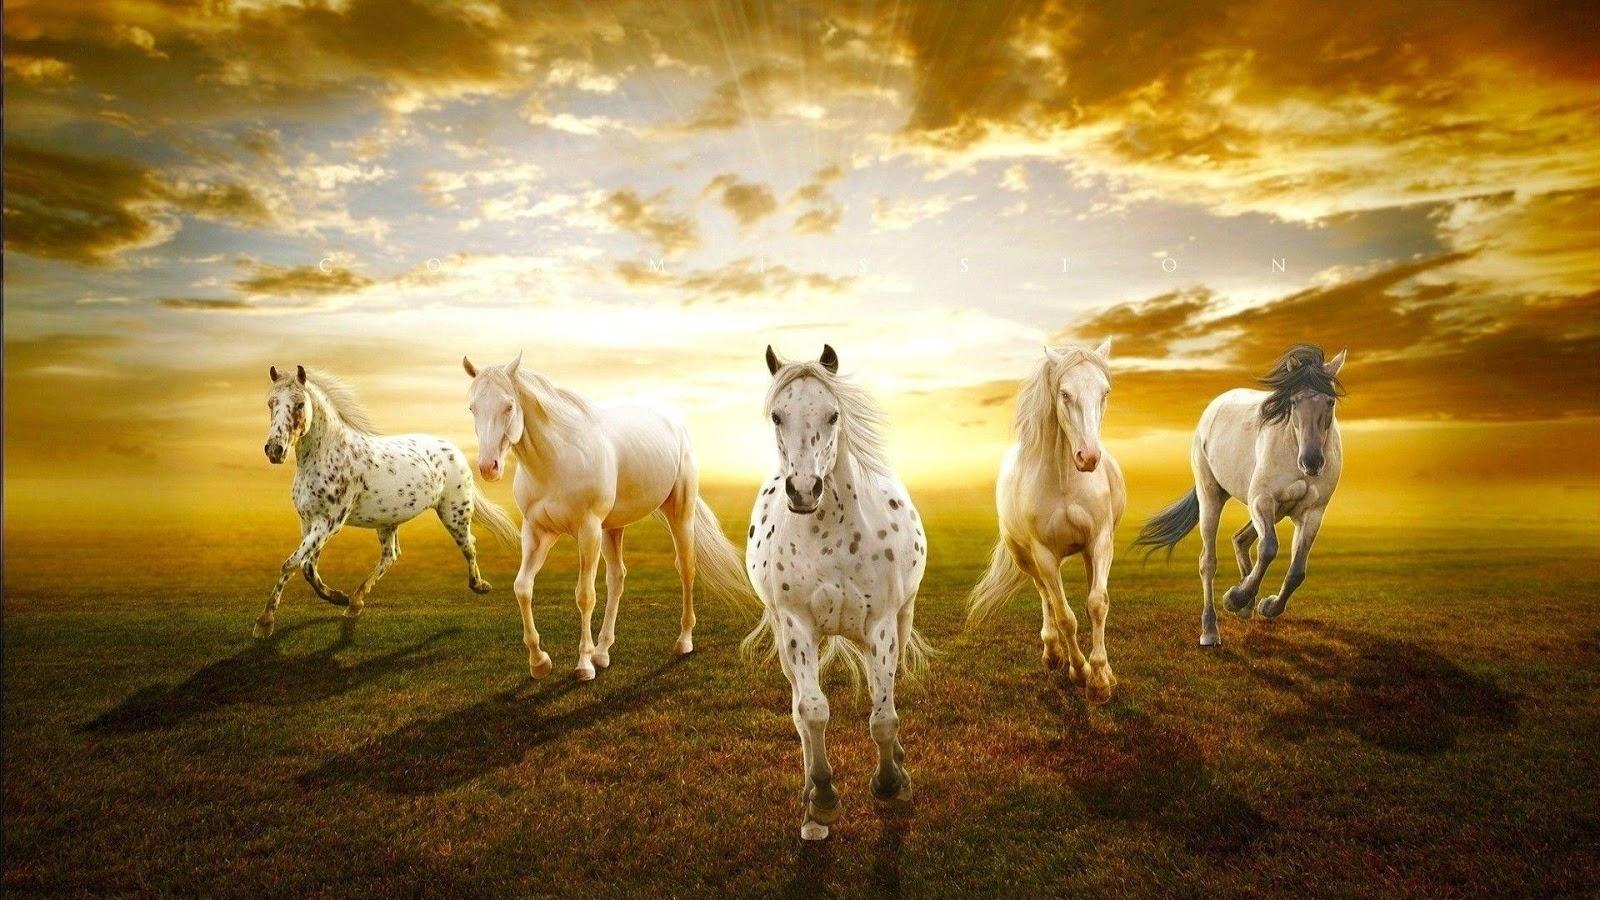 Hd wallpaper horse - Seven Horses Wallpaper 7 Screenshot